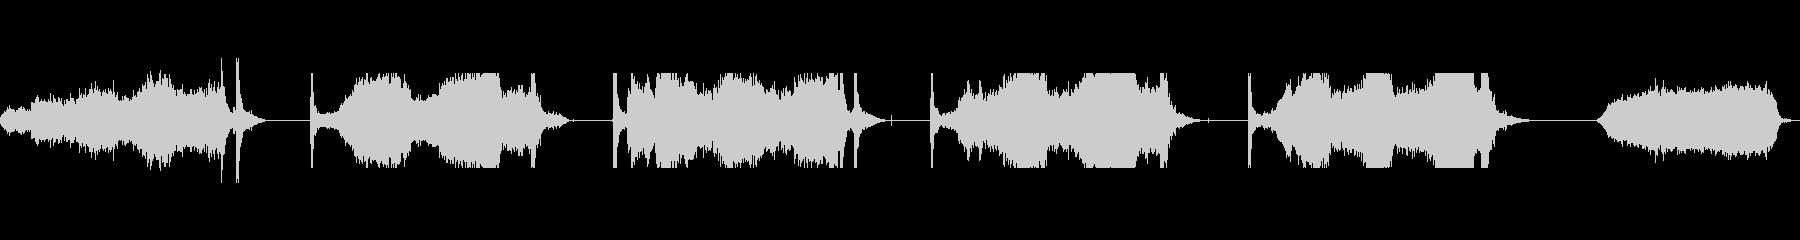 マシンウインチモーターストレスレベルの未再生の波形